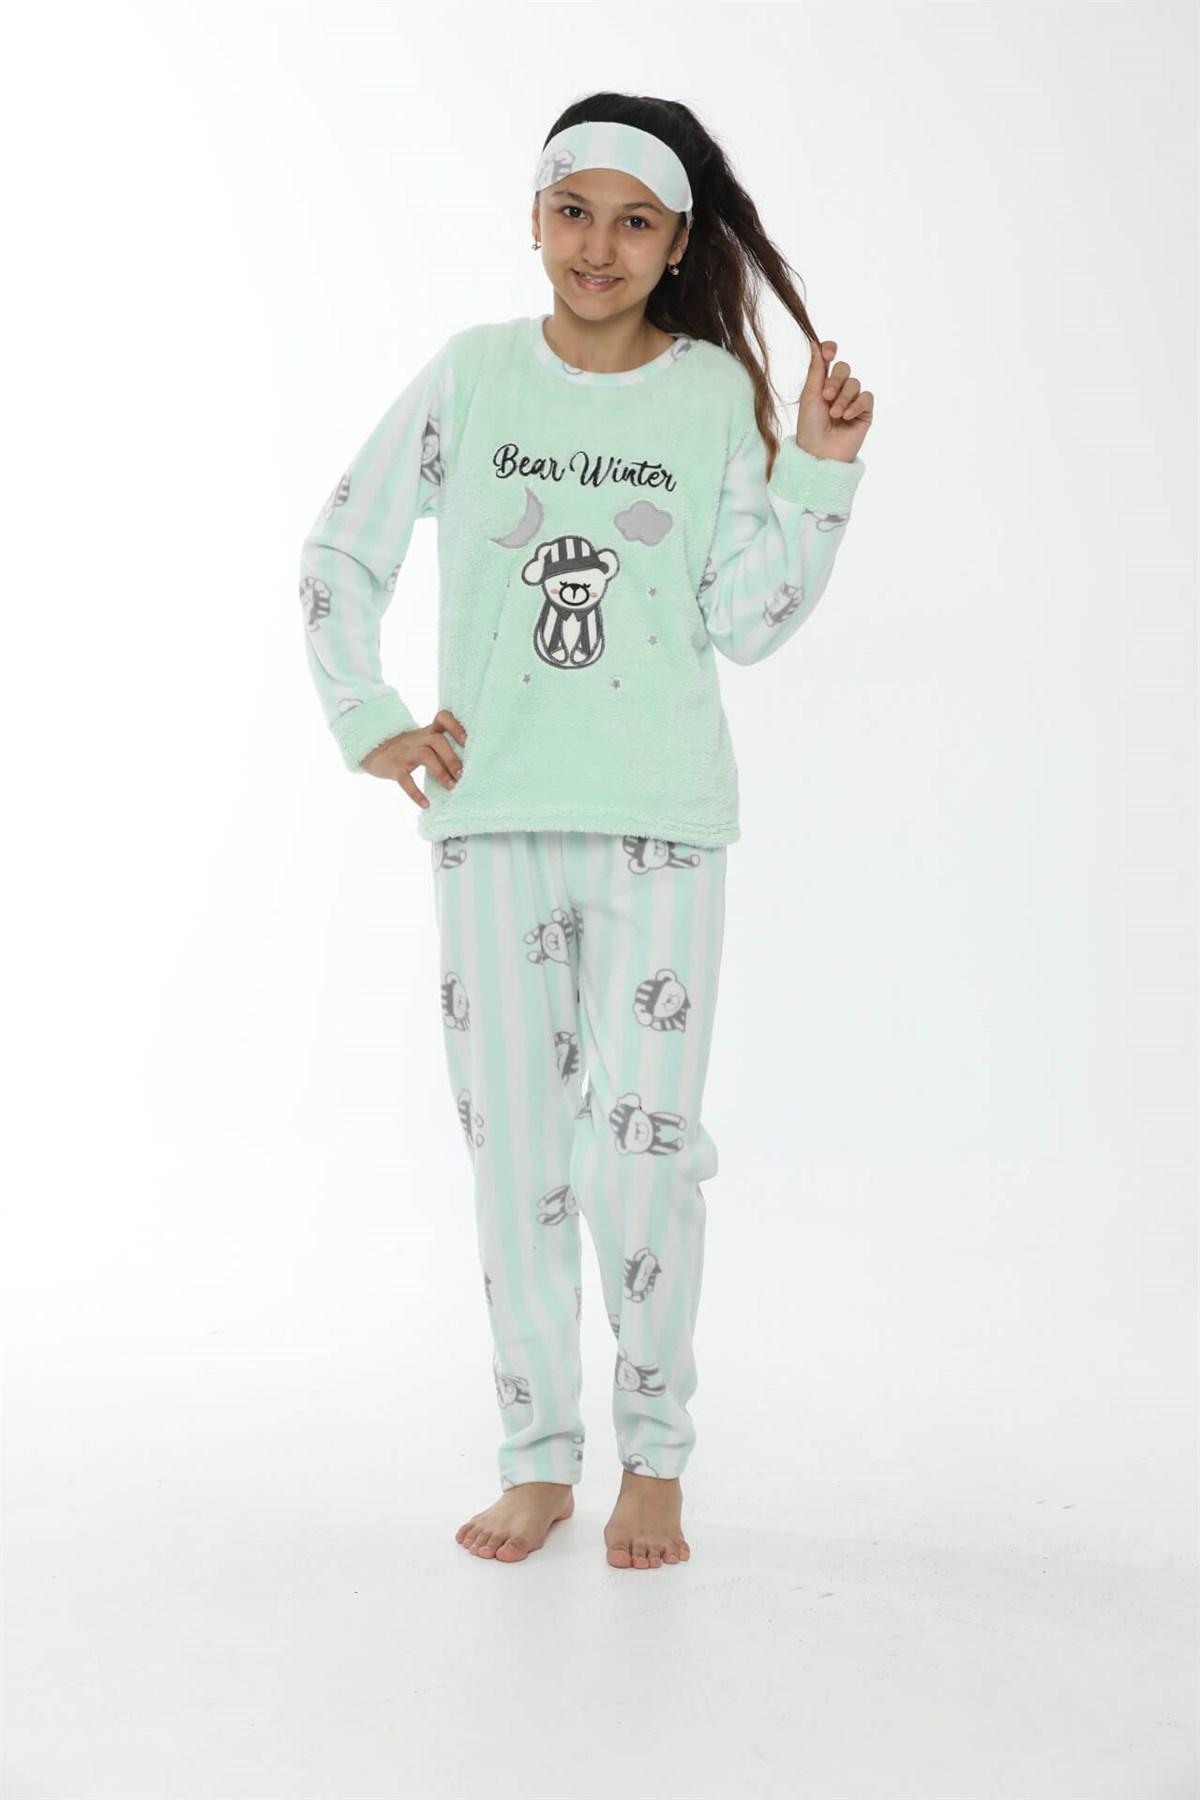 Angelino İç Giyim - WelSoft Polar Kız Çocuk Pijama Takımı 4533 (1)